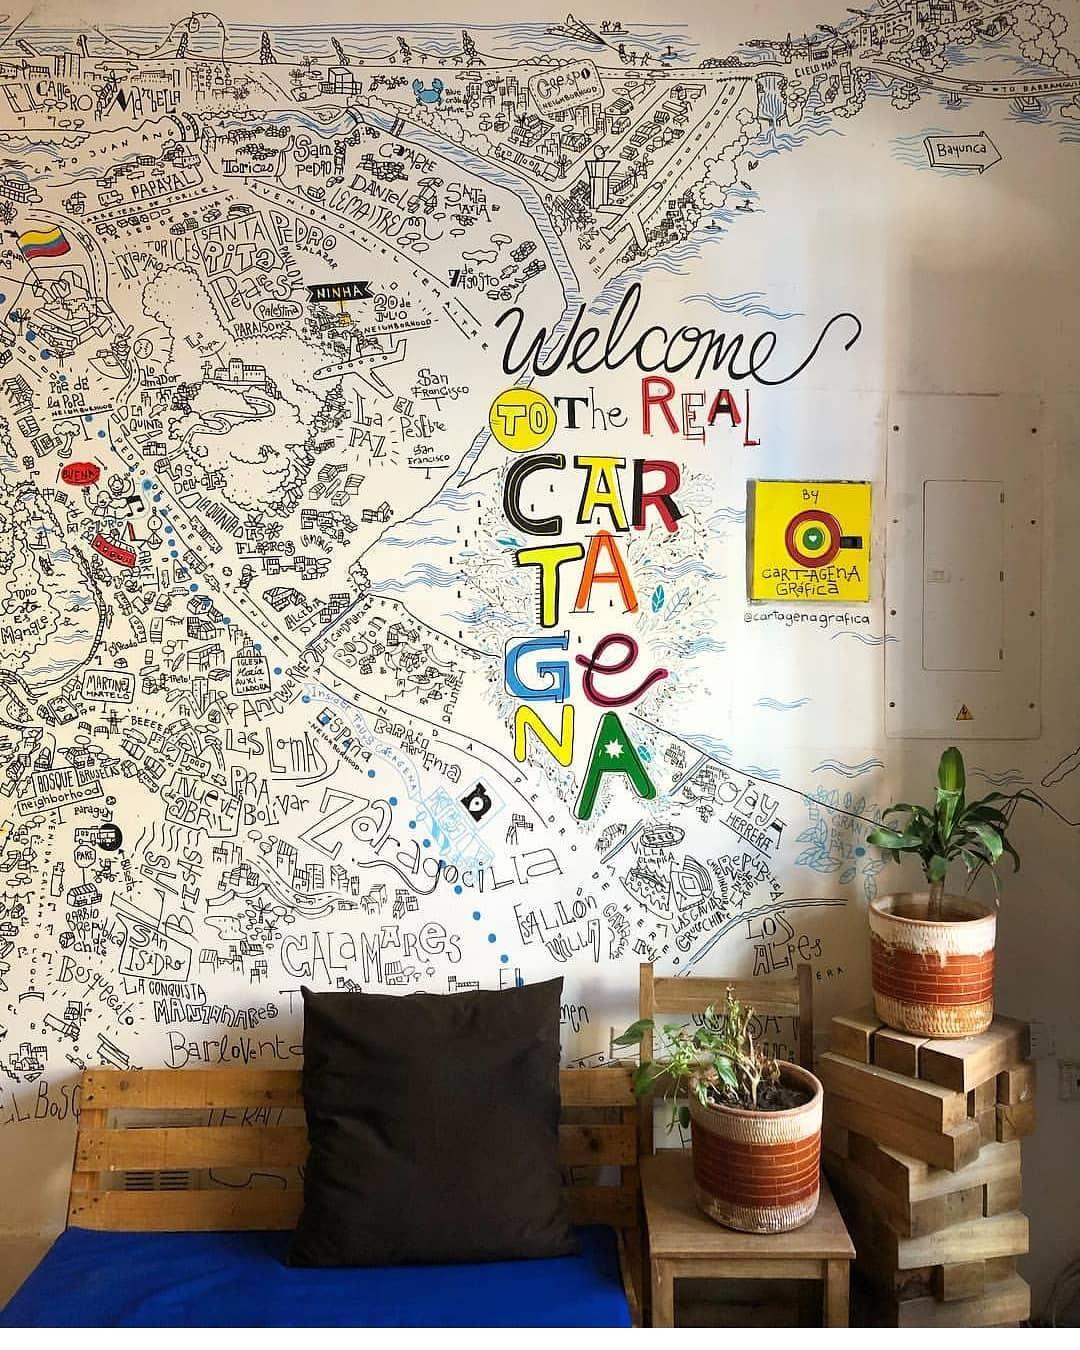 Karte von Cartagena an der Wand des Cafe Stepping Stone